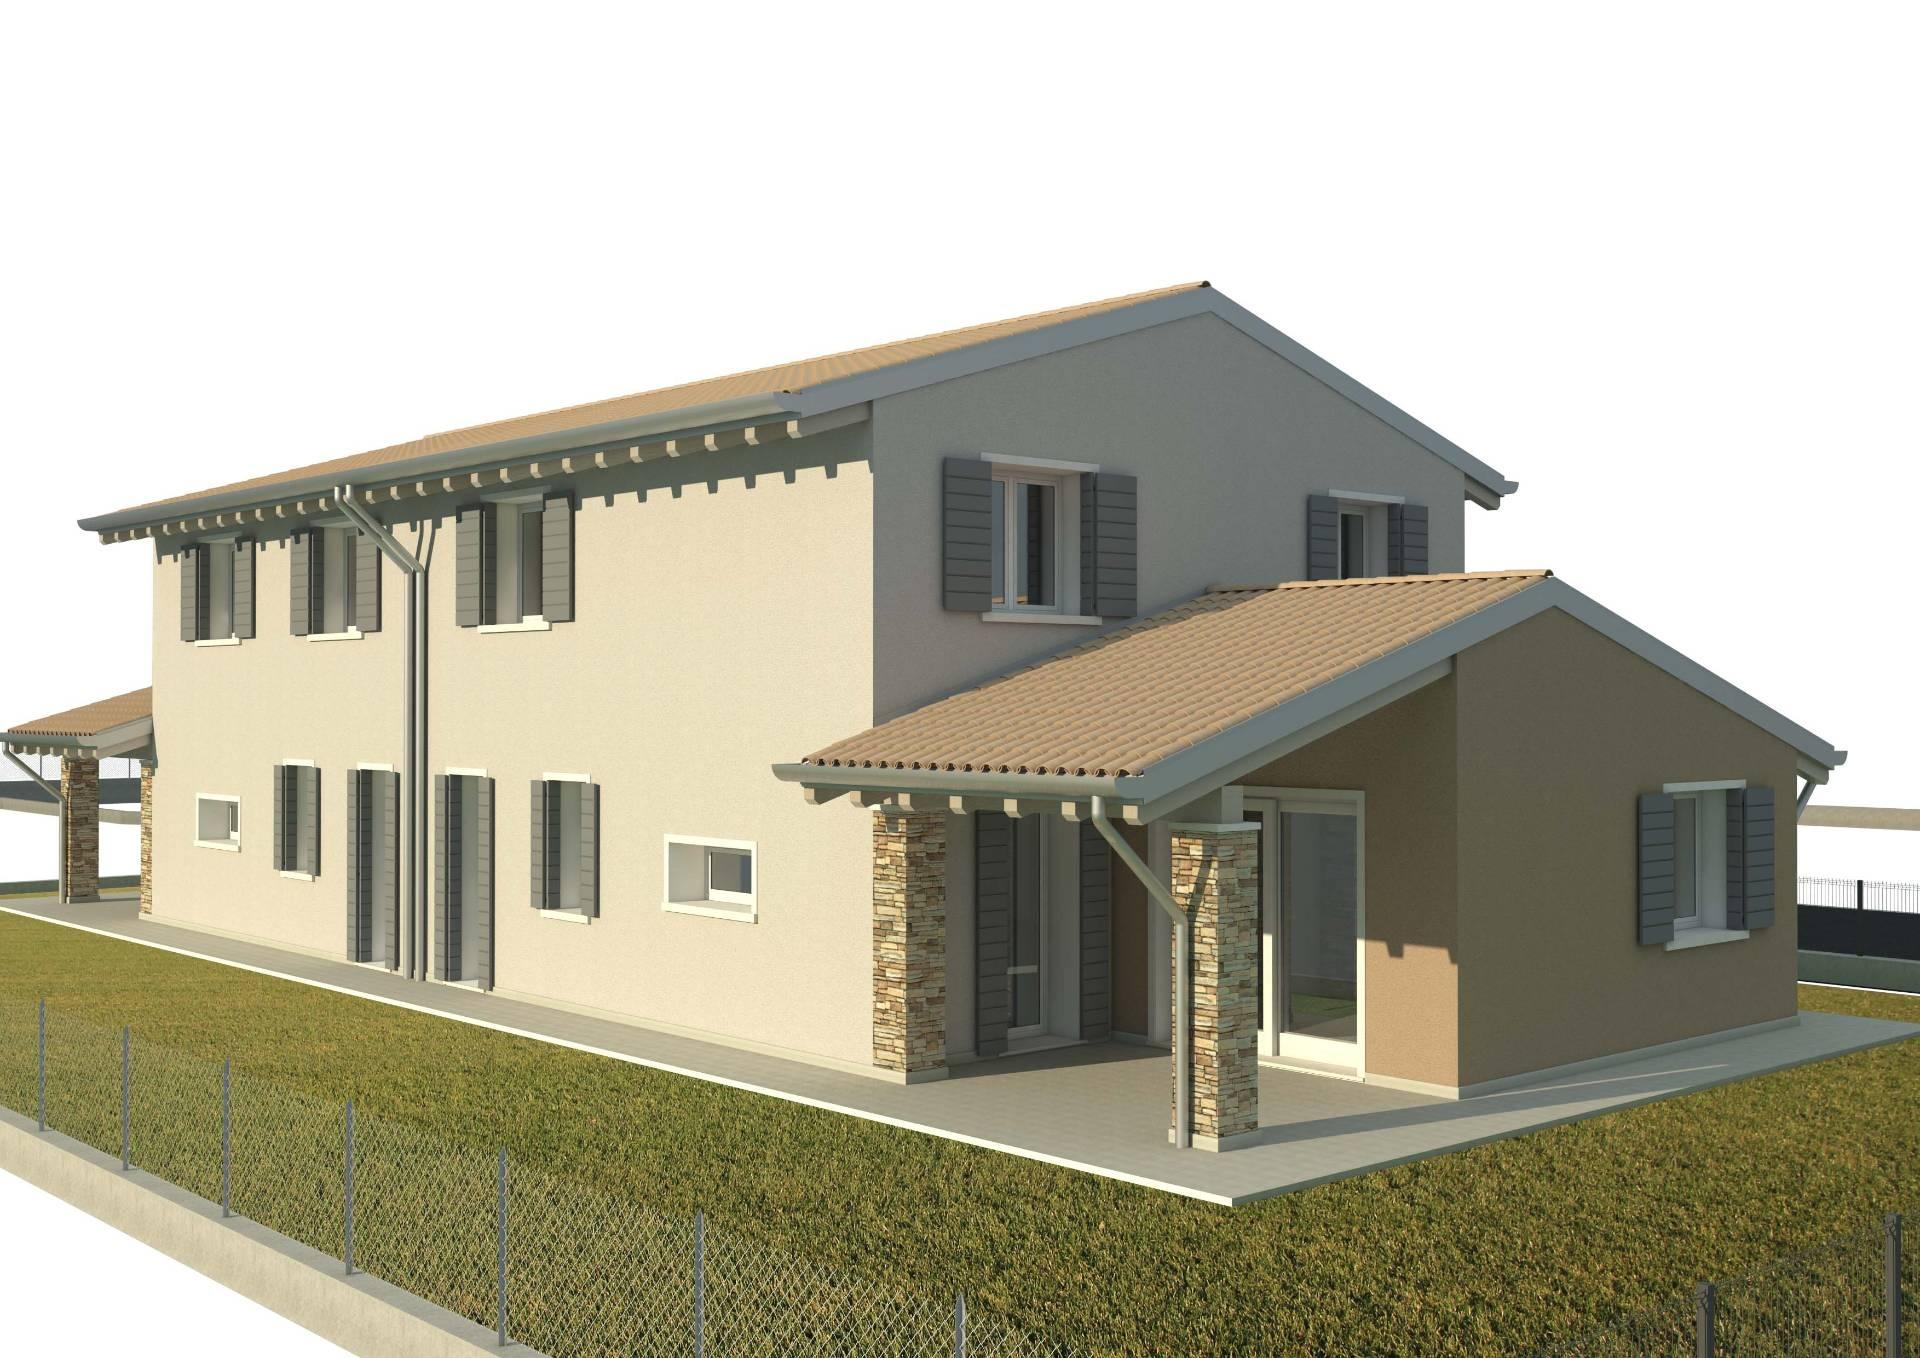 vendita villa a schiera ponzano veneto ponzano  350000 euro  7 locali  219 mq